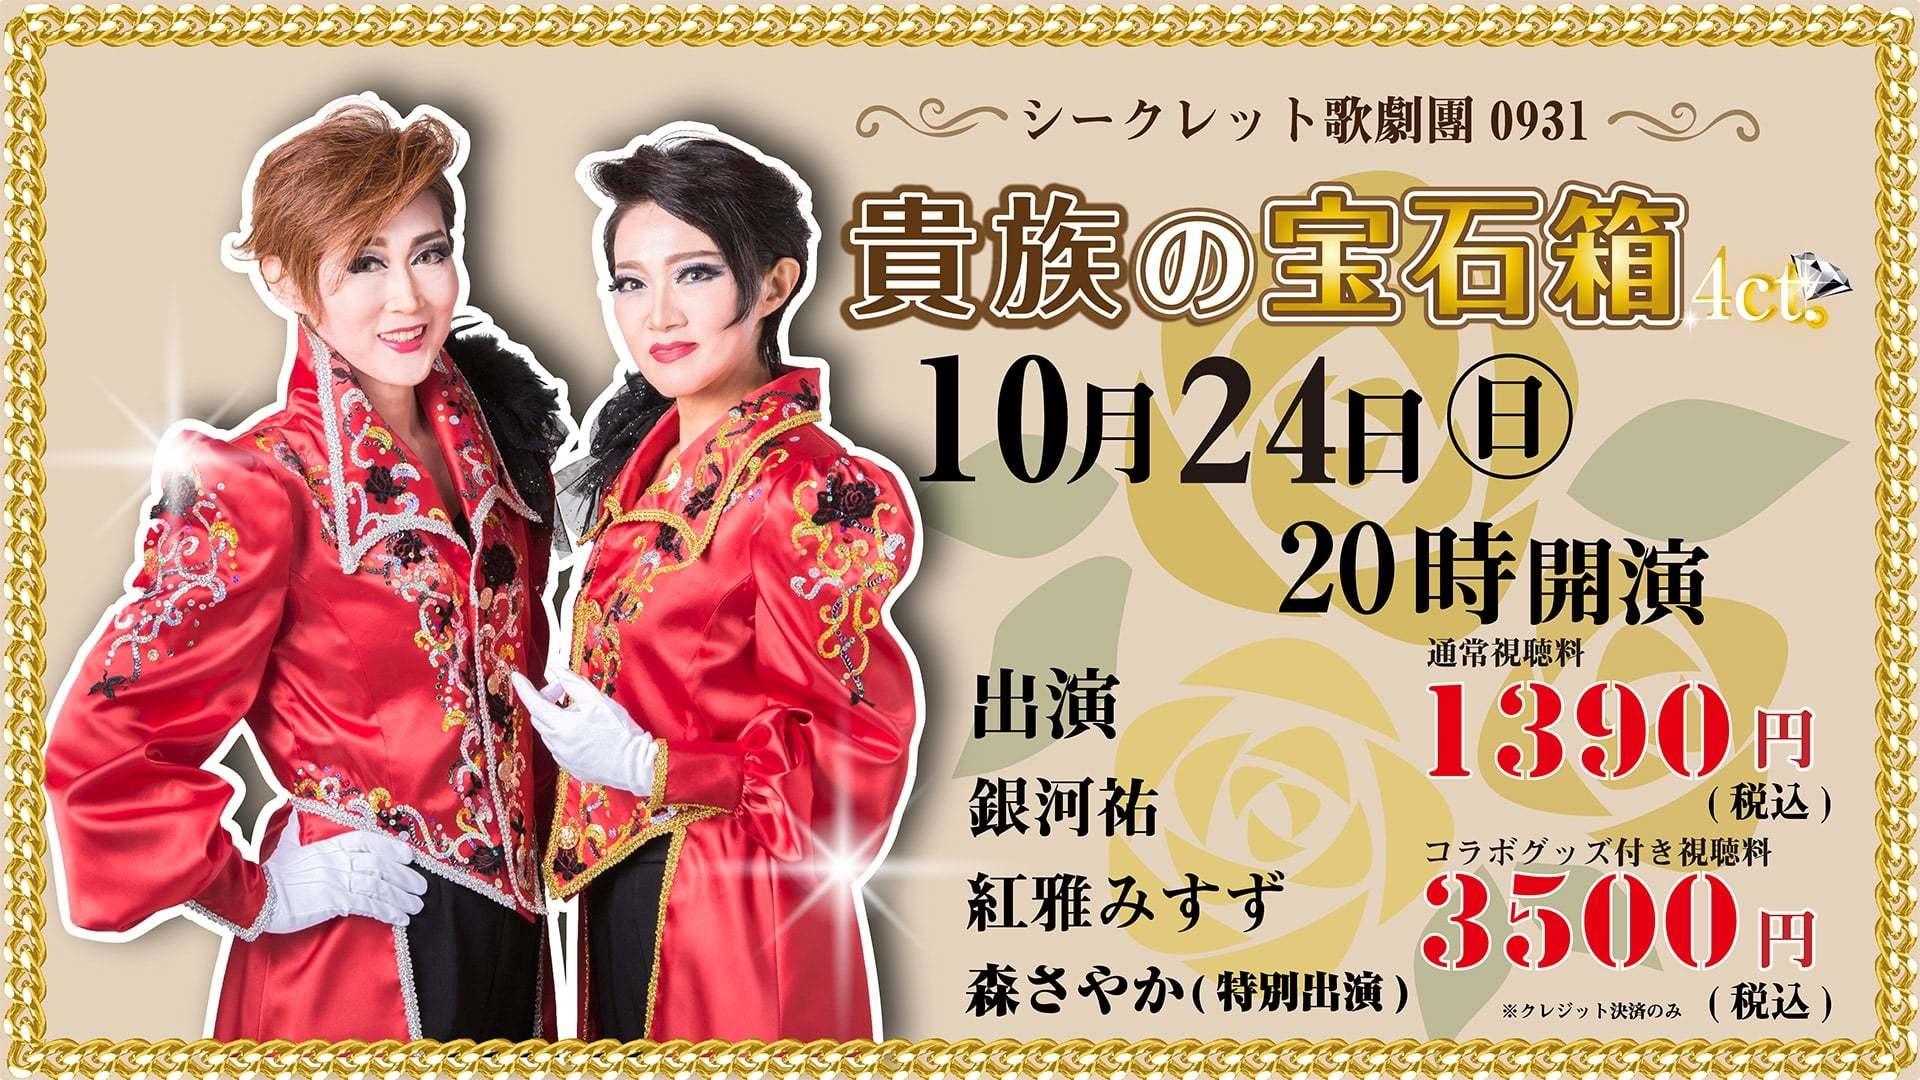 『シークレット歌劇團0931 貴族の宝石箱 4ct』